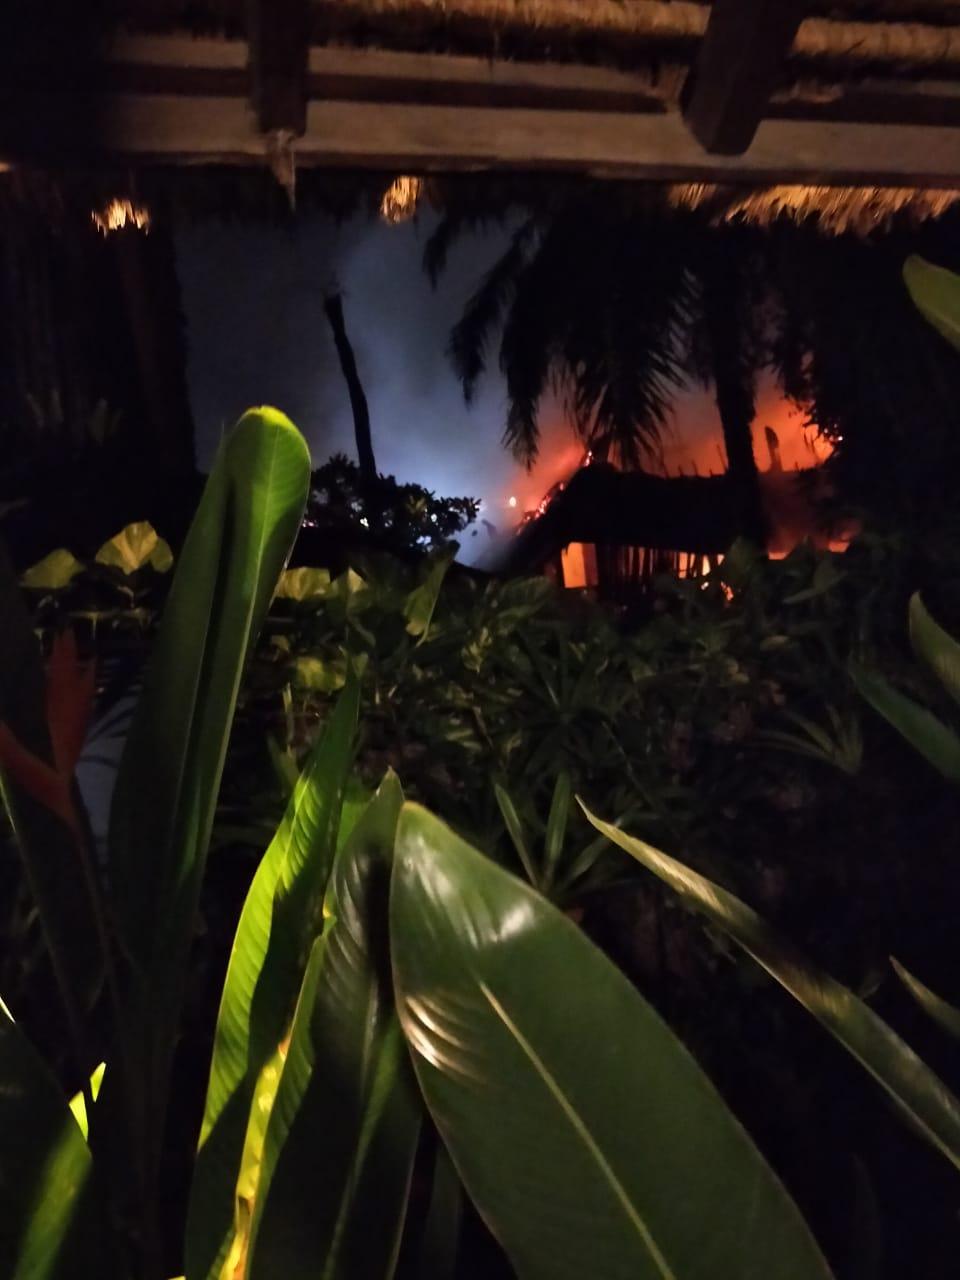 SEBUAH hotel di Jalan Pantai Batu Bolong, Desa Canggu, Kuta Utara, terbakar hebat, Minggu malam (27/9/2020), sekitar pukul 23.30 Wita. Foto: ist